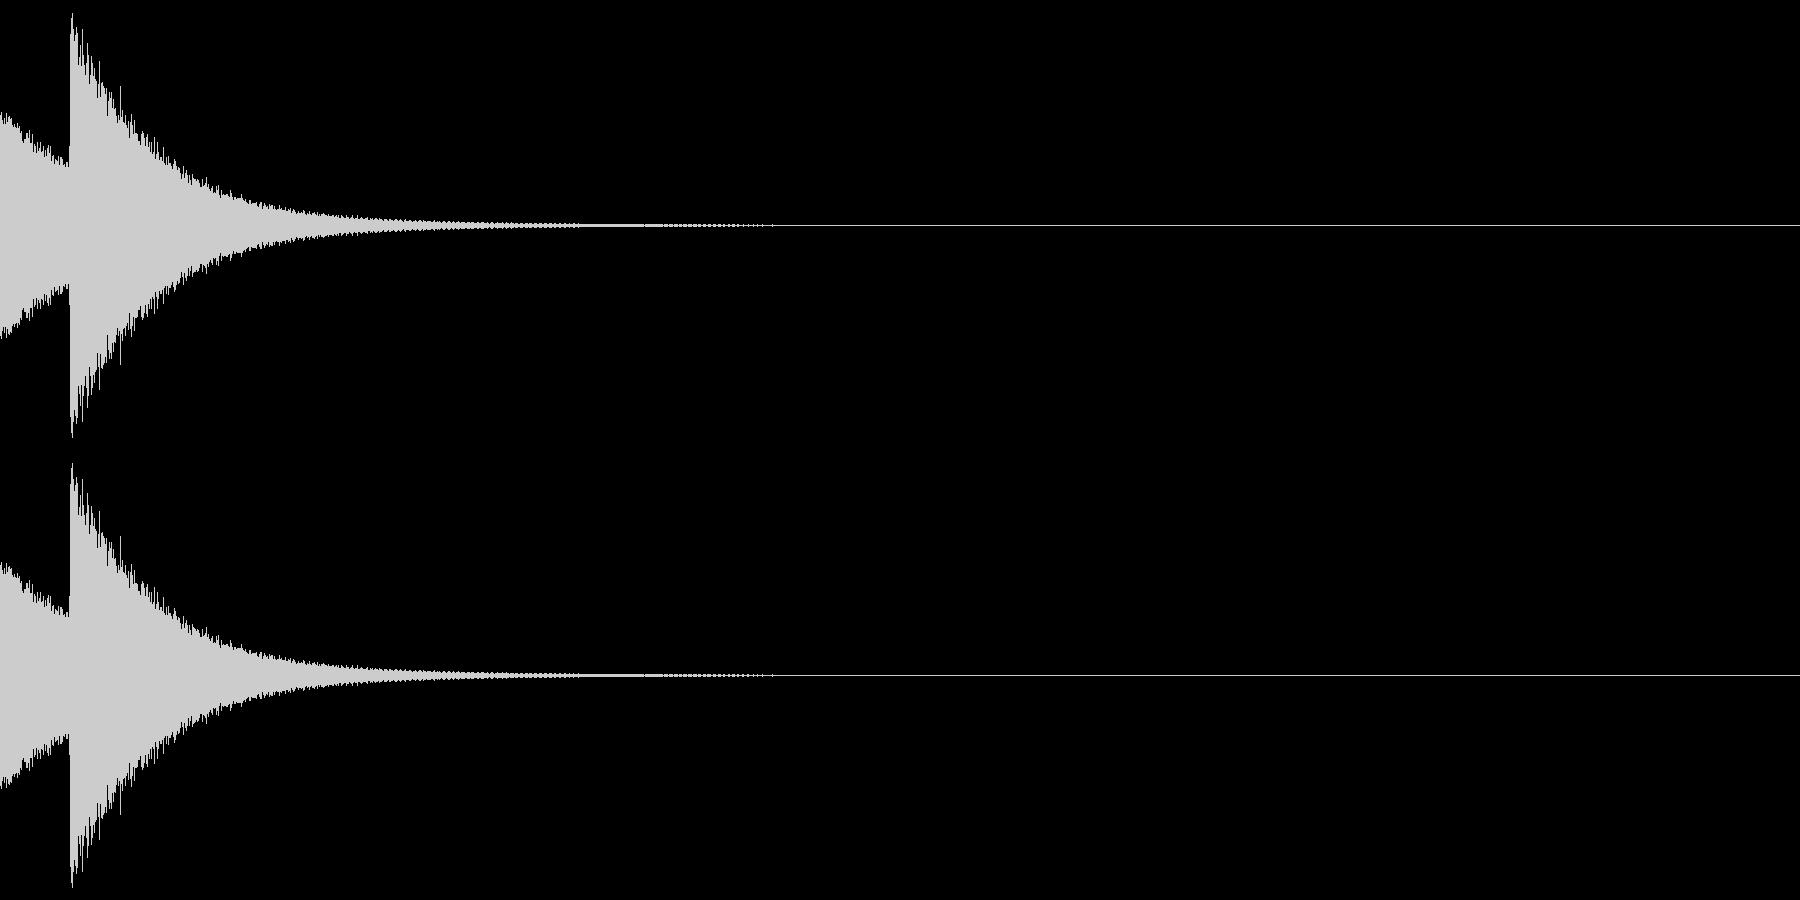 しっくりくるクイズの音 ピンポーン02の未再生の波形